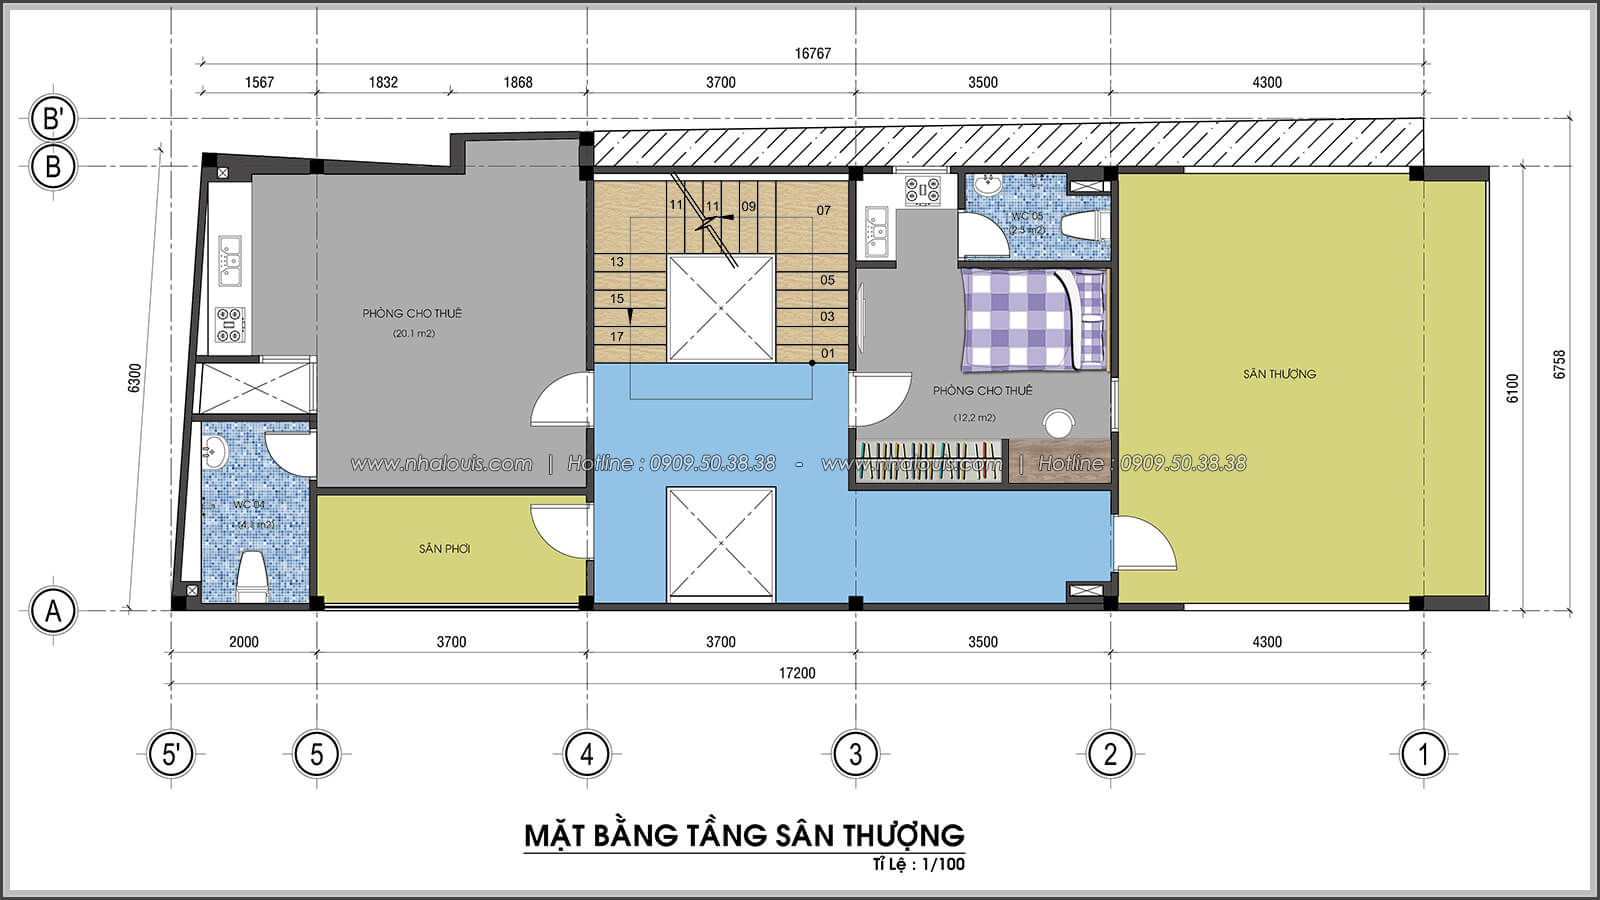 Thiết kế nhà trọ cho thuê cao cấp tiết kiệm chi phí và hiệu quả tại Tân Bình